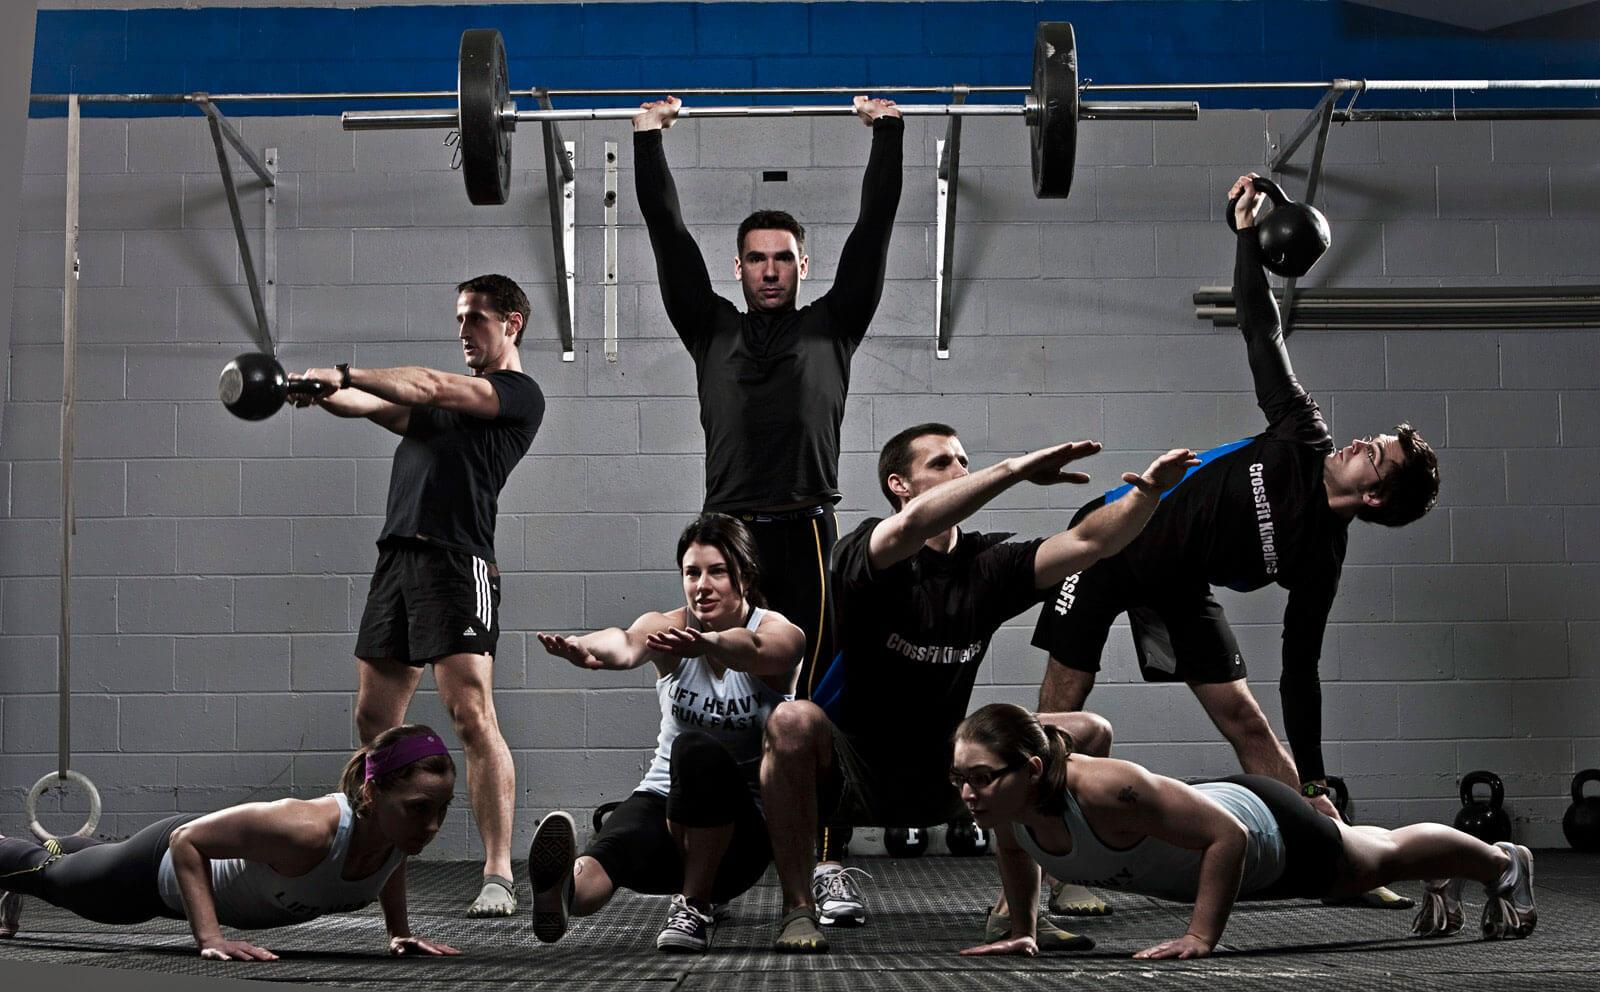 Различные аэробные и анаэробные упражнения для увеличения выносливости